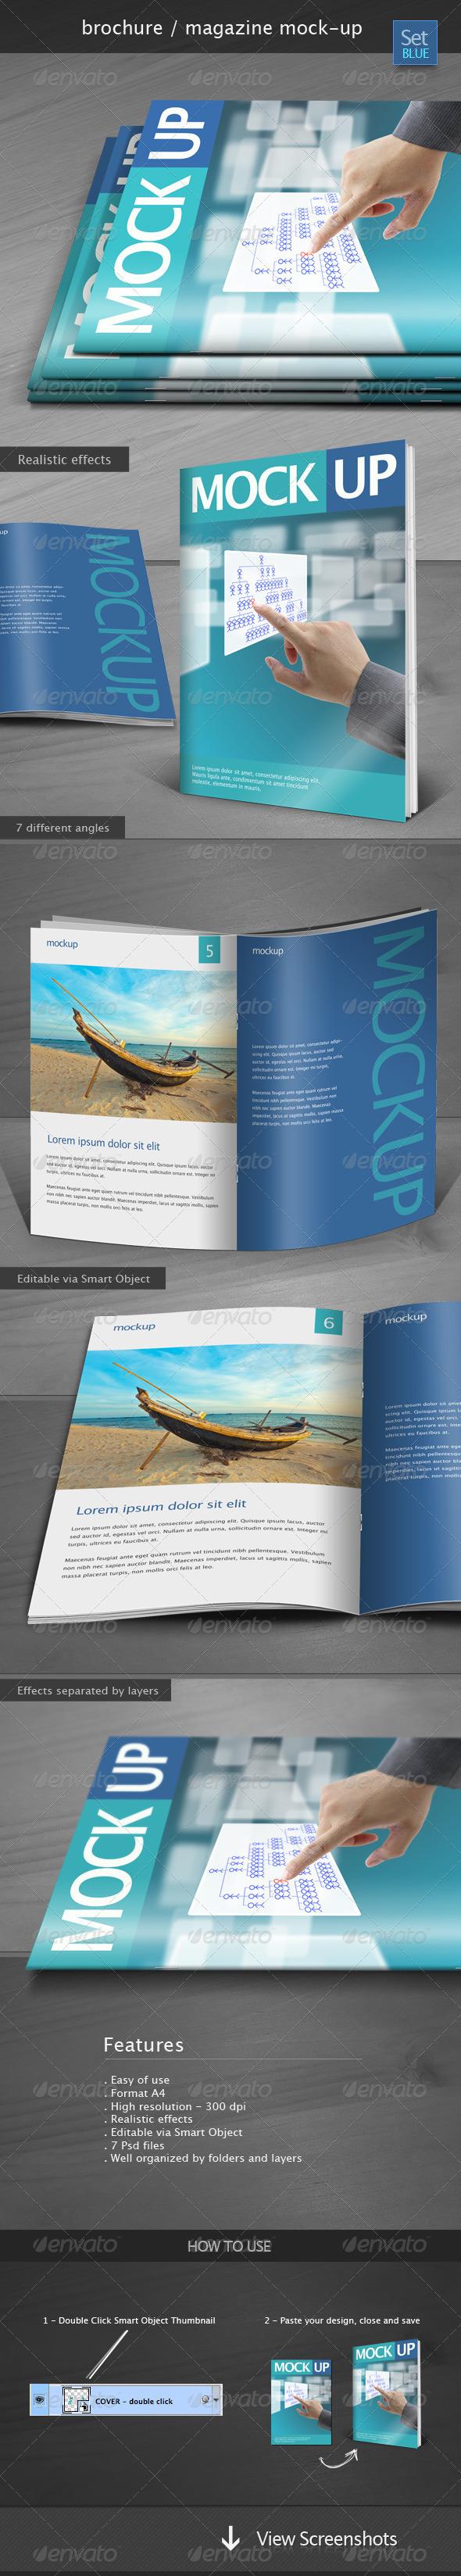 Brochure / Magazine Mock-up Set Blue - Brochures Print